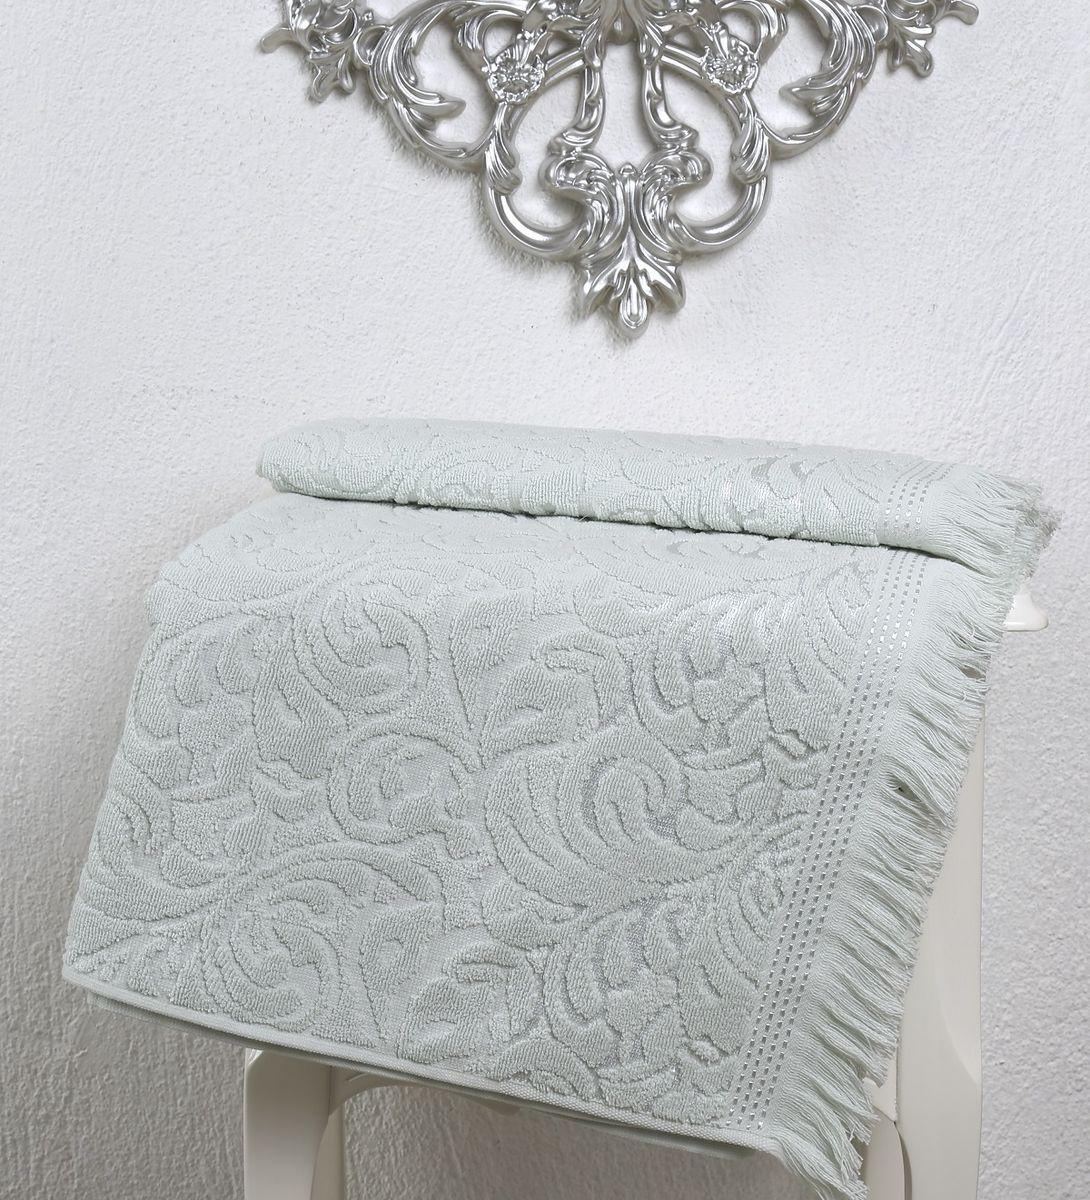 Полотенце Karna Esra, цвет: светло-зеленый, 50 х 90 см2194/CHAR007Полотенце махровое Karna изготавливают из высококачественных хлопковых нитей. Хлопковые нити прядутся из длинных волокон. Длина волокон хлопковой нити влияет на свойства ткани, чем длиннее волокна, тем махровое изделие прочнее, пушистее и мягче на ощупь. А также махровое изделие будет отлично впитывать воду и быстро сохнуть. На впитывающие качества махры (ее гигроскопичность), конечно же, влияет состав волокон. Махра абсолютно не аллергена, имеет высокую воздухопроницаемость и долгий срок использования ткани.Отличительной особенностью данной модели является её оригинальный рисунок (вышивка) и подарочная упаковка. Декор в виде вышивки и бахромы хорошо смотрится. Вышитые изображения отличаются своей долговечностью и практичностью, они не выгорают и не линяют.